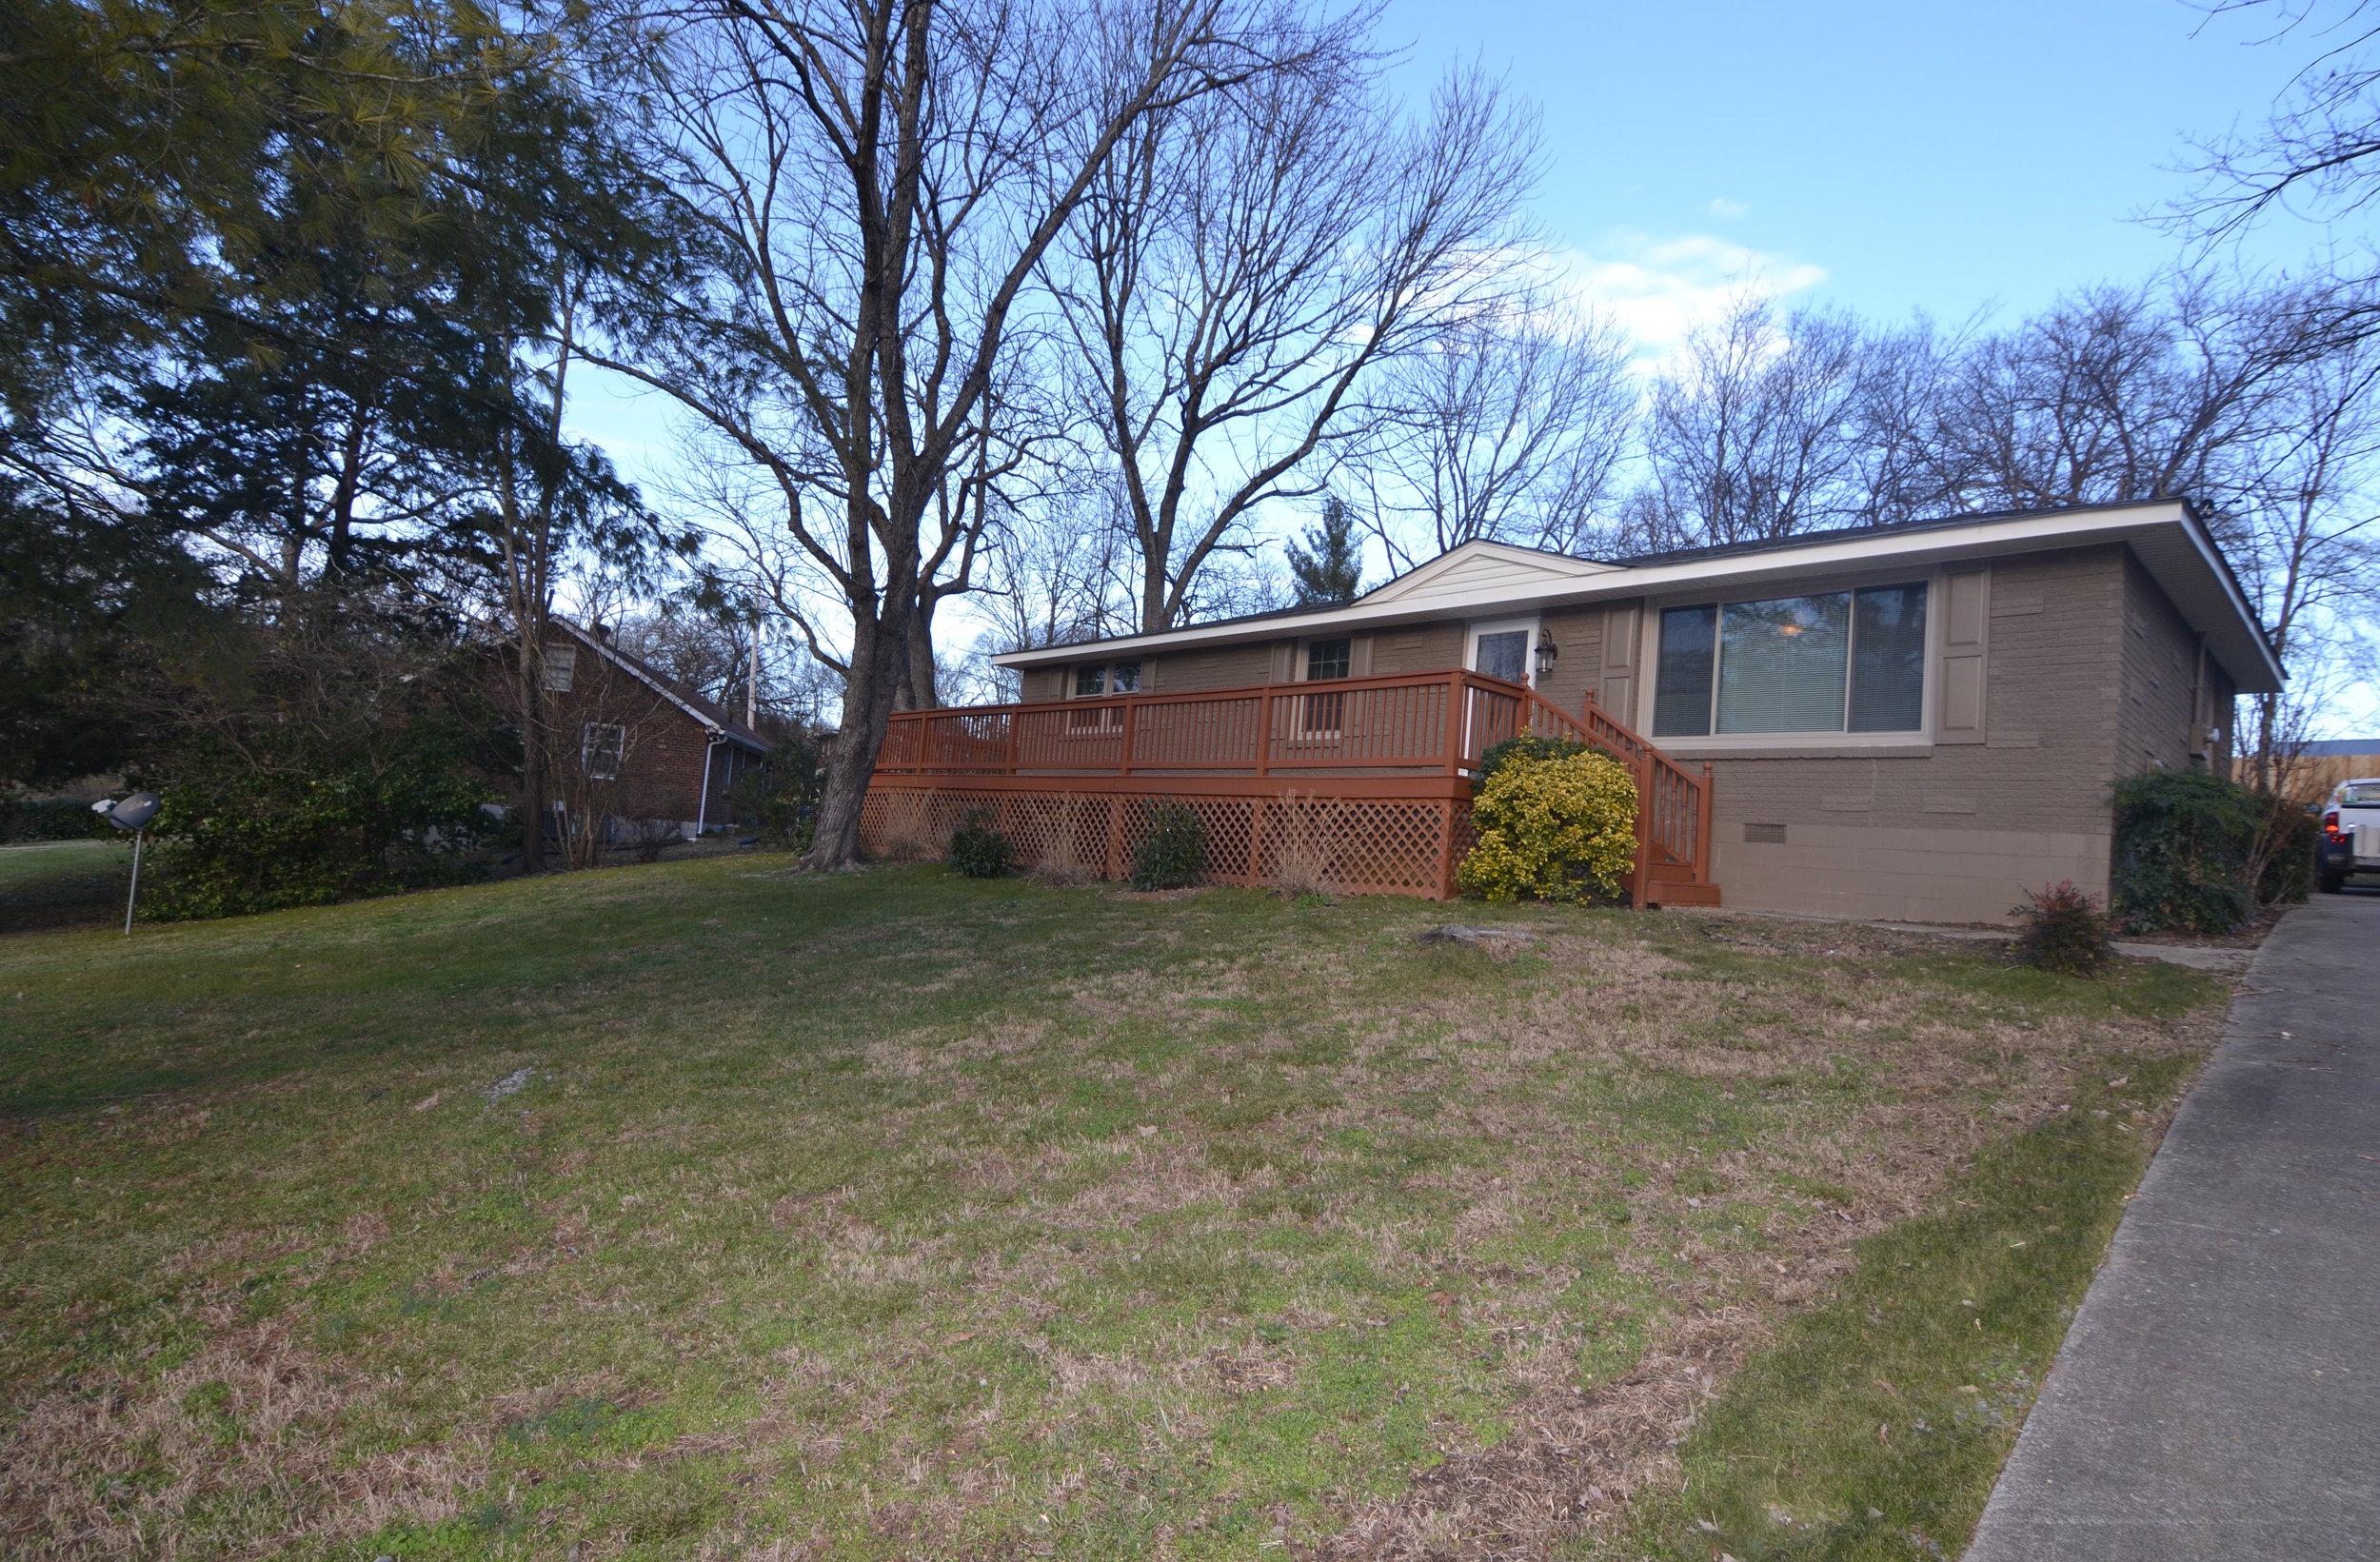 141 Cranwill Dr RENTED   HENDERSONVILLE: Single Family Home  3 Br 1 Ba + 2 Decks